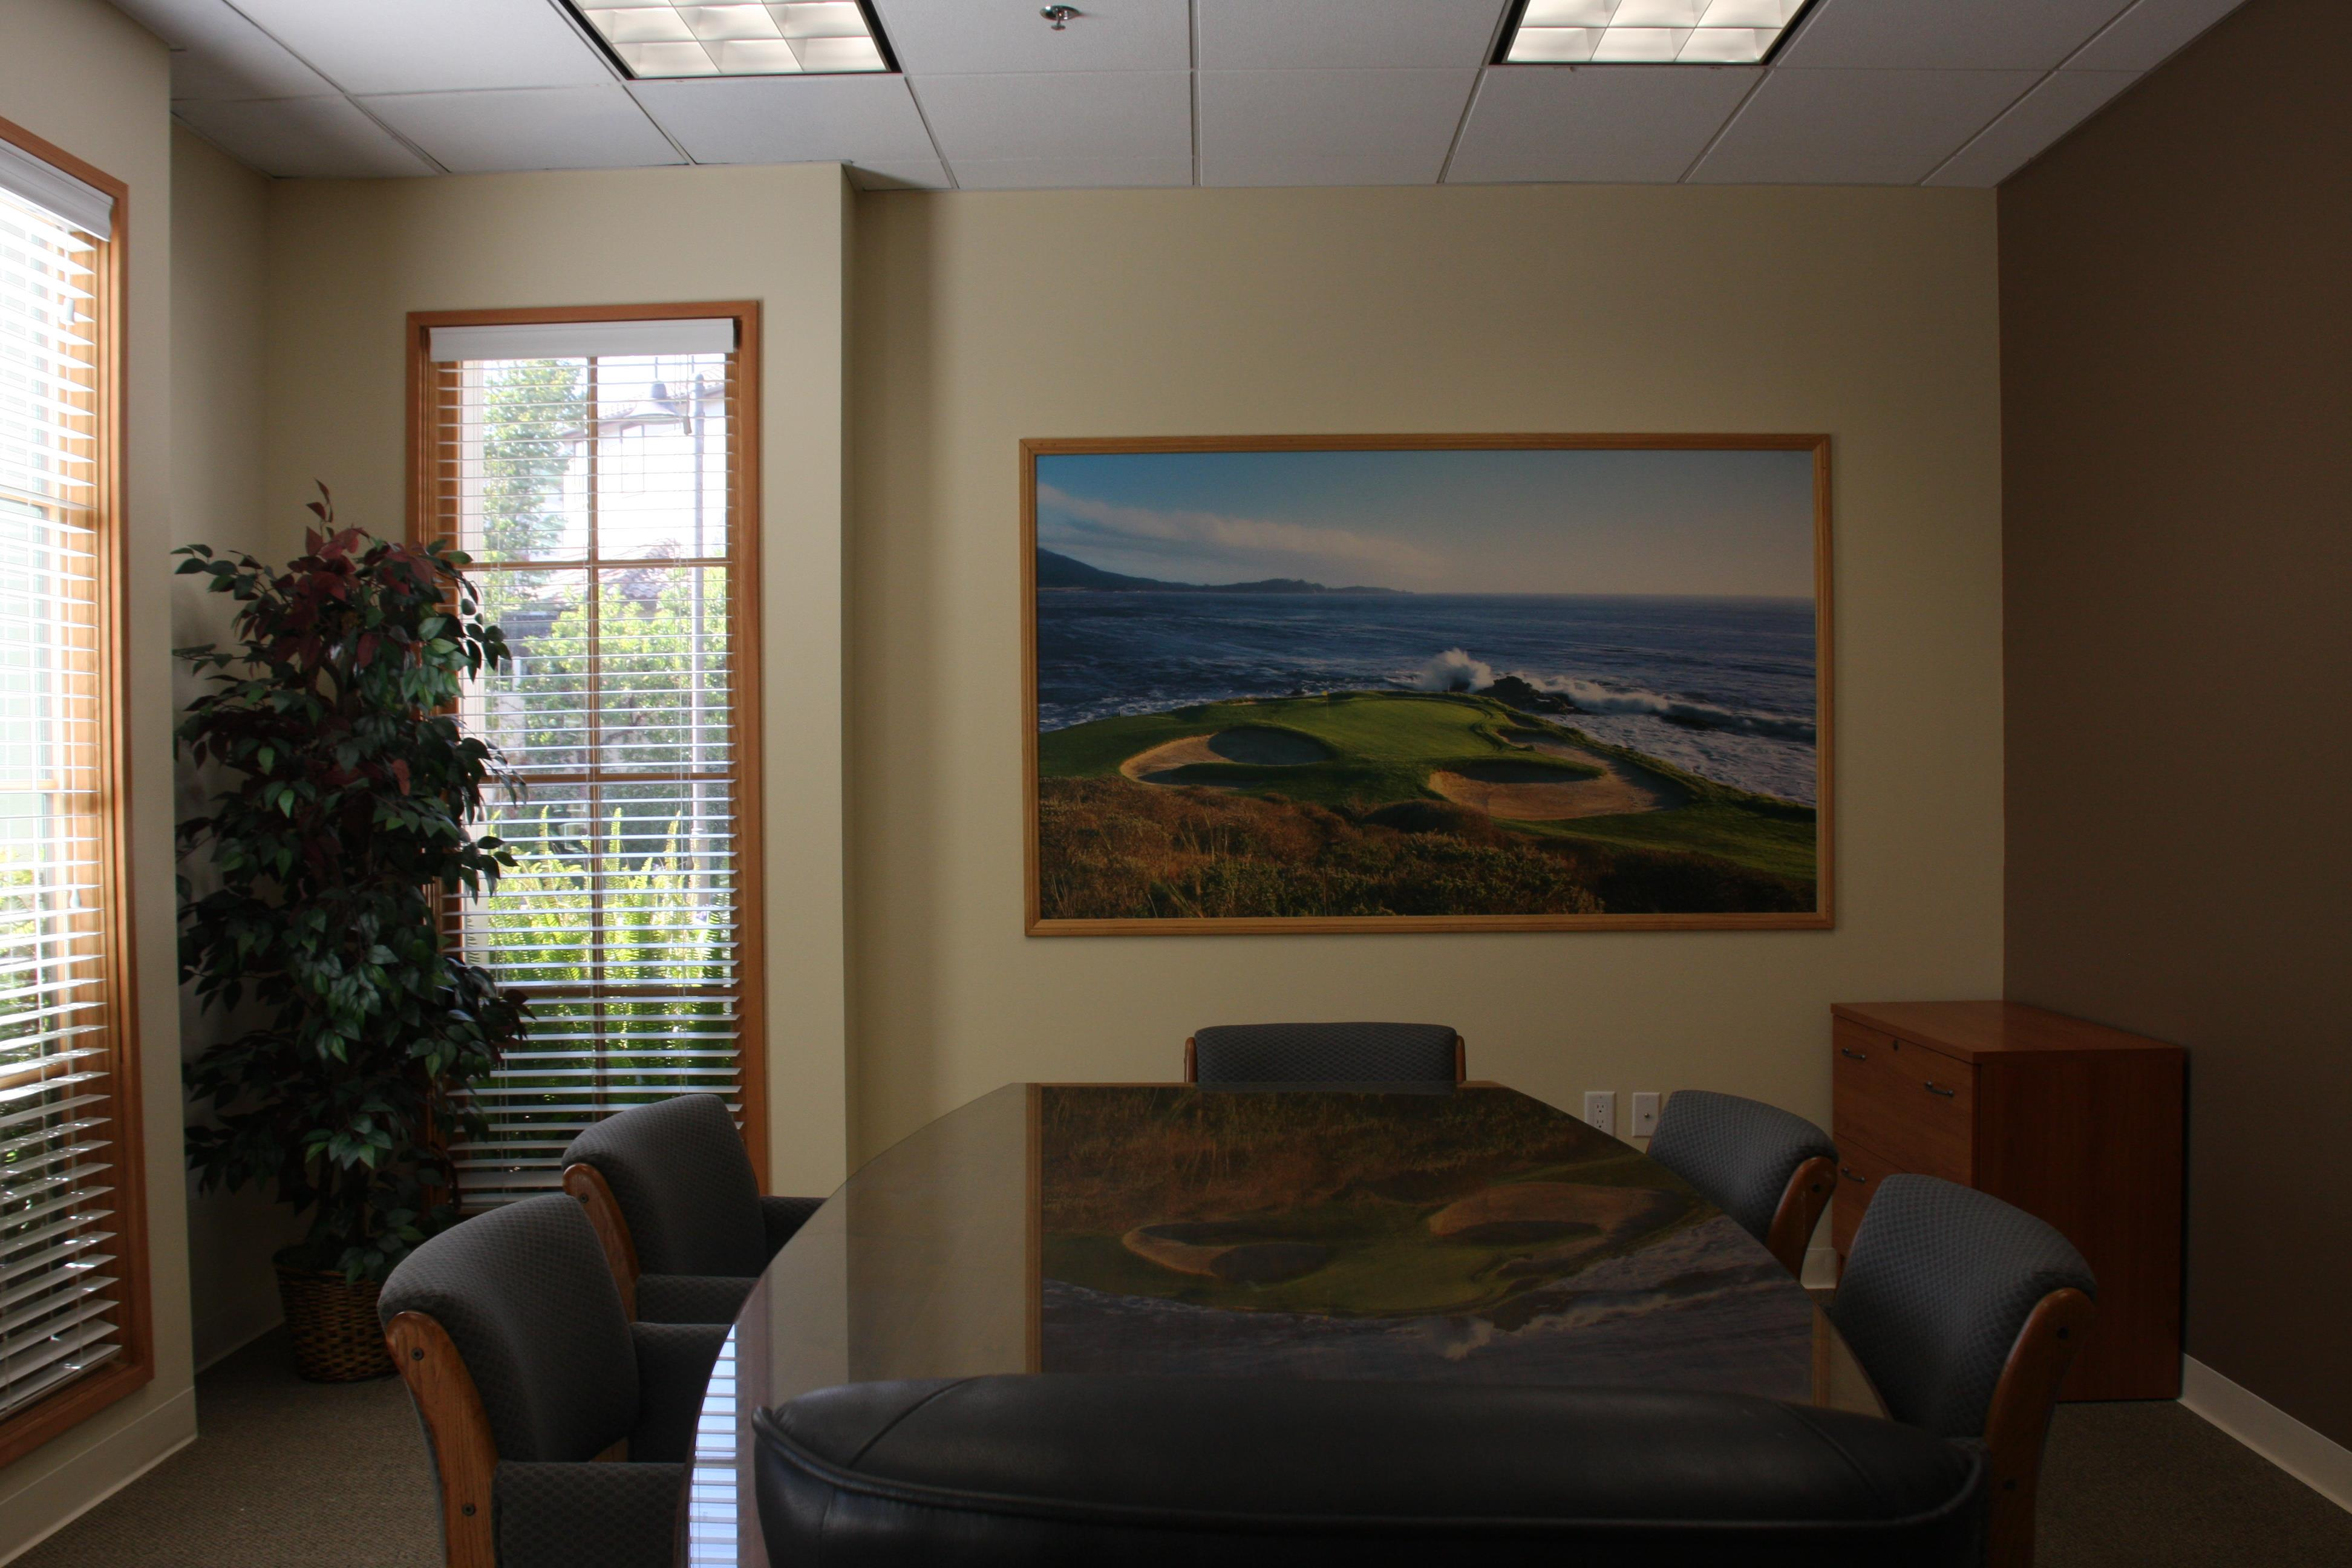 Newbury Park Dos Vientos Conference Center - Meeting Room 2